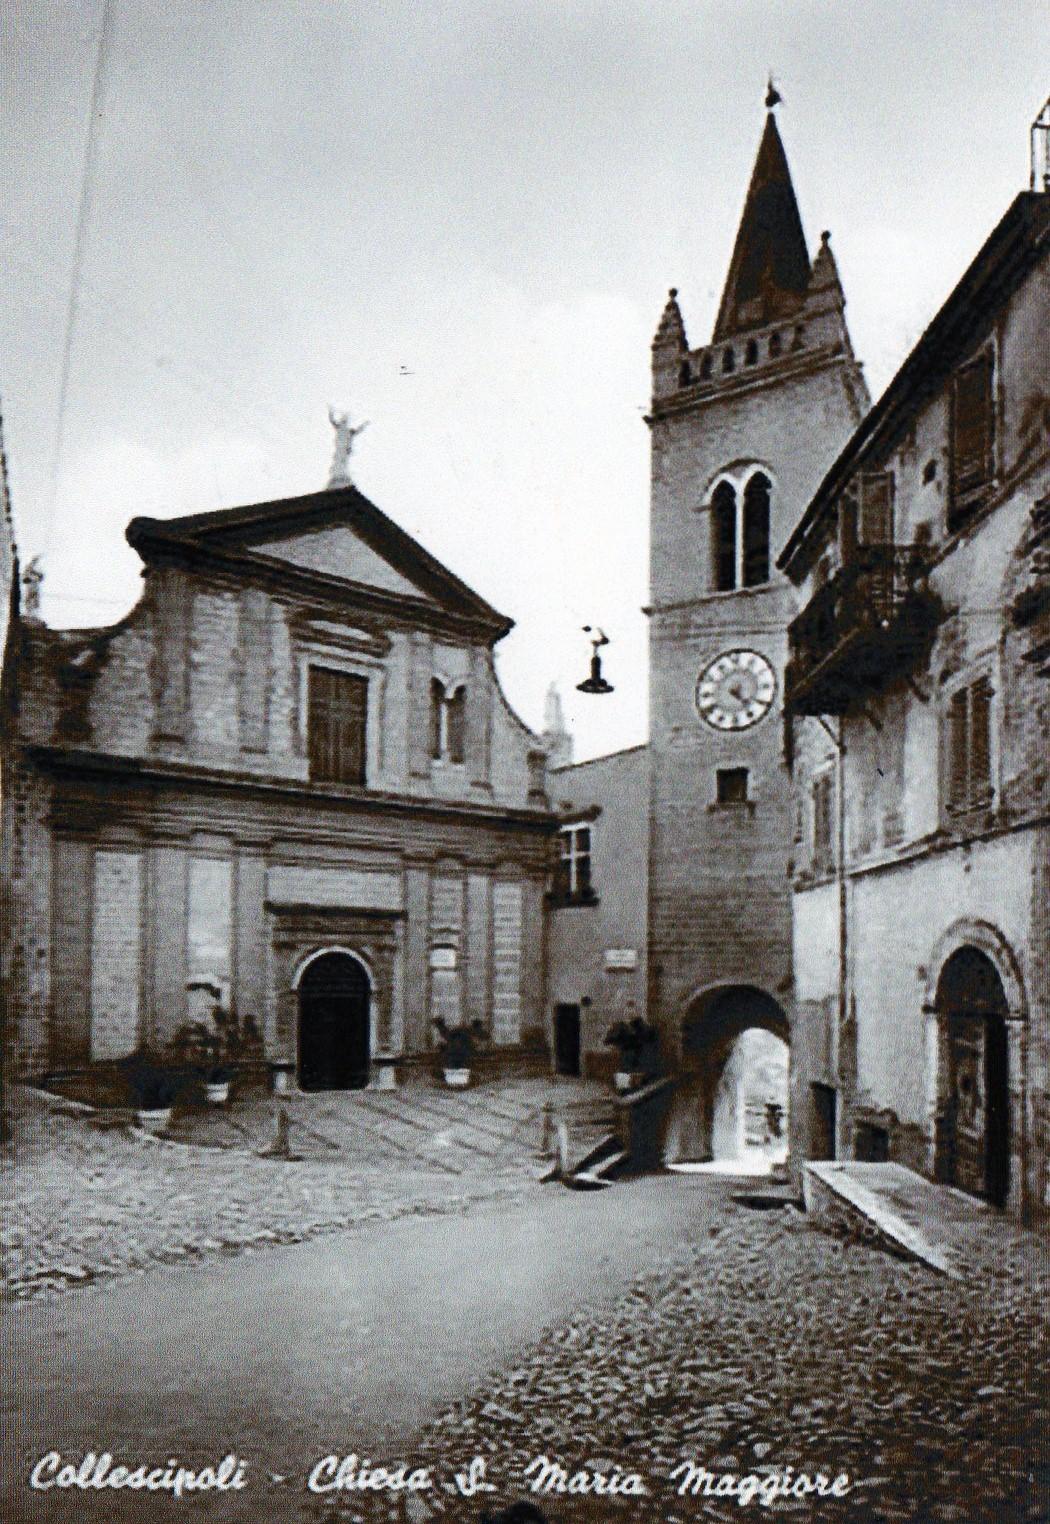 Collegiata di Santa Maria Maggiore Collescipoli  Wikipedia